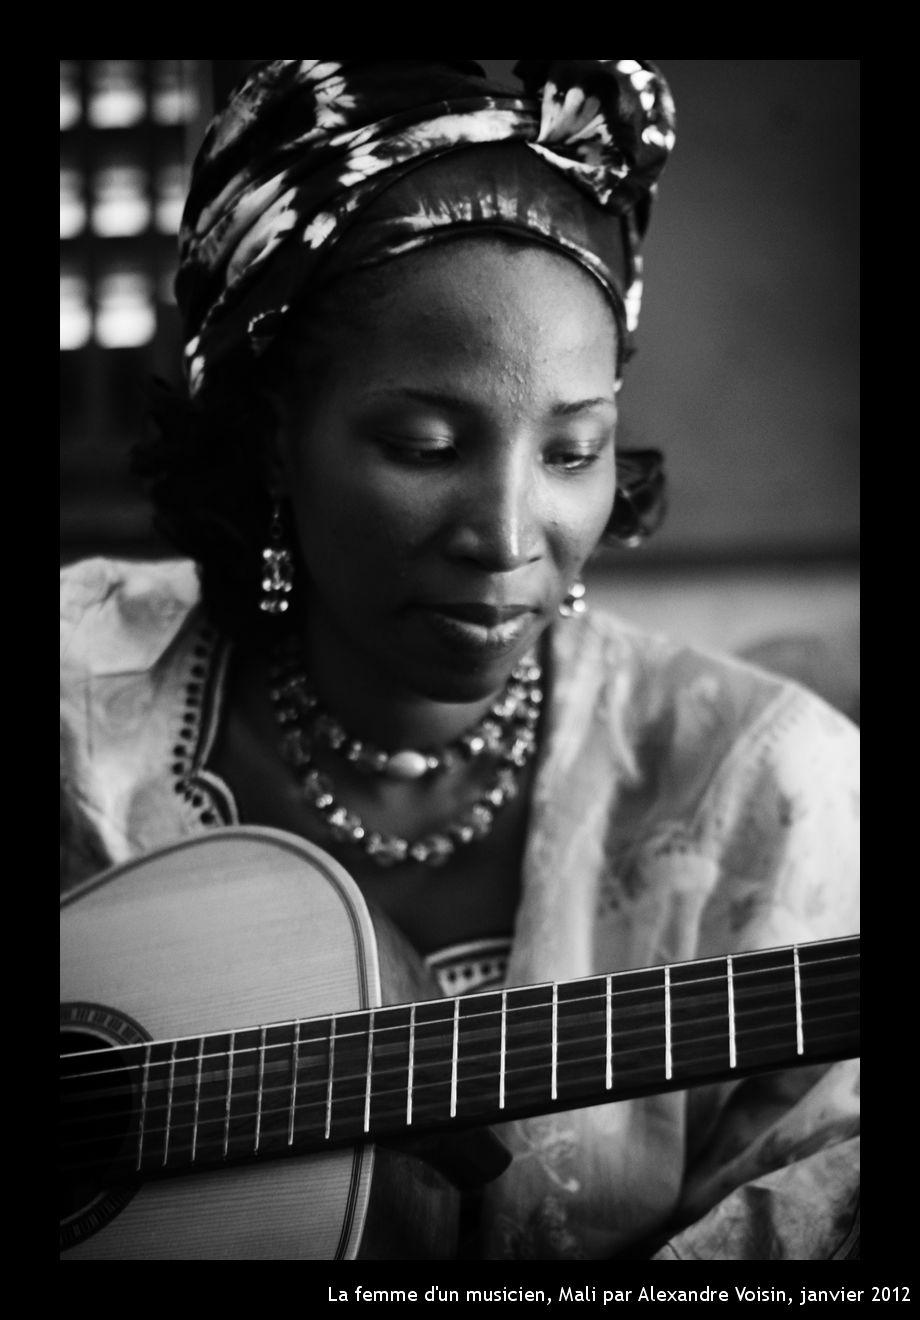 La femme d'un musicien